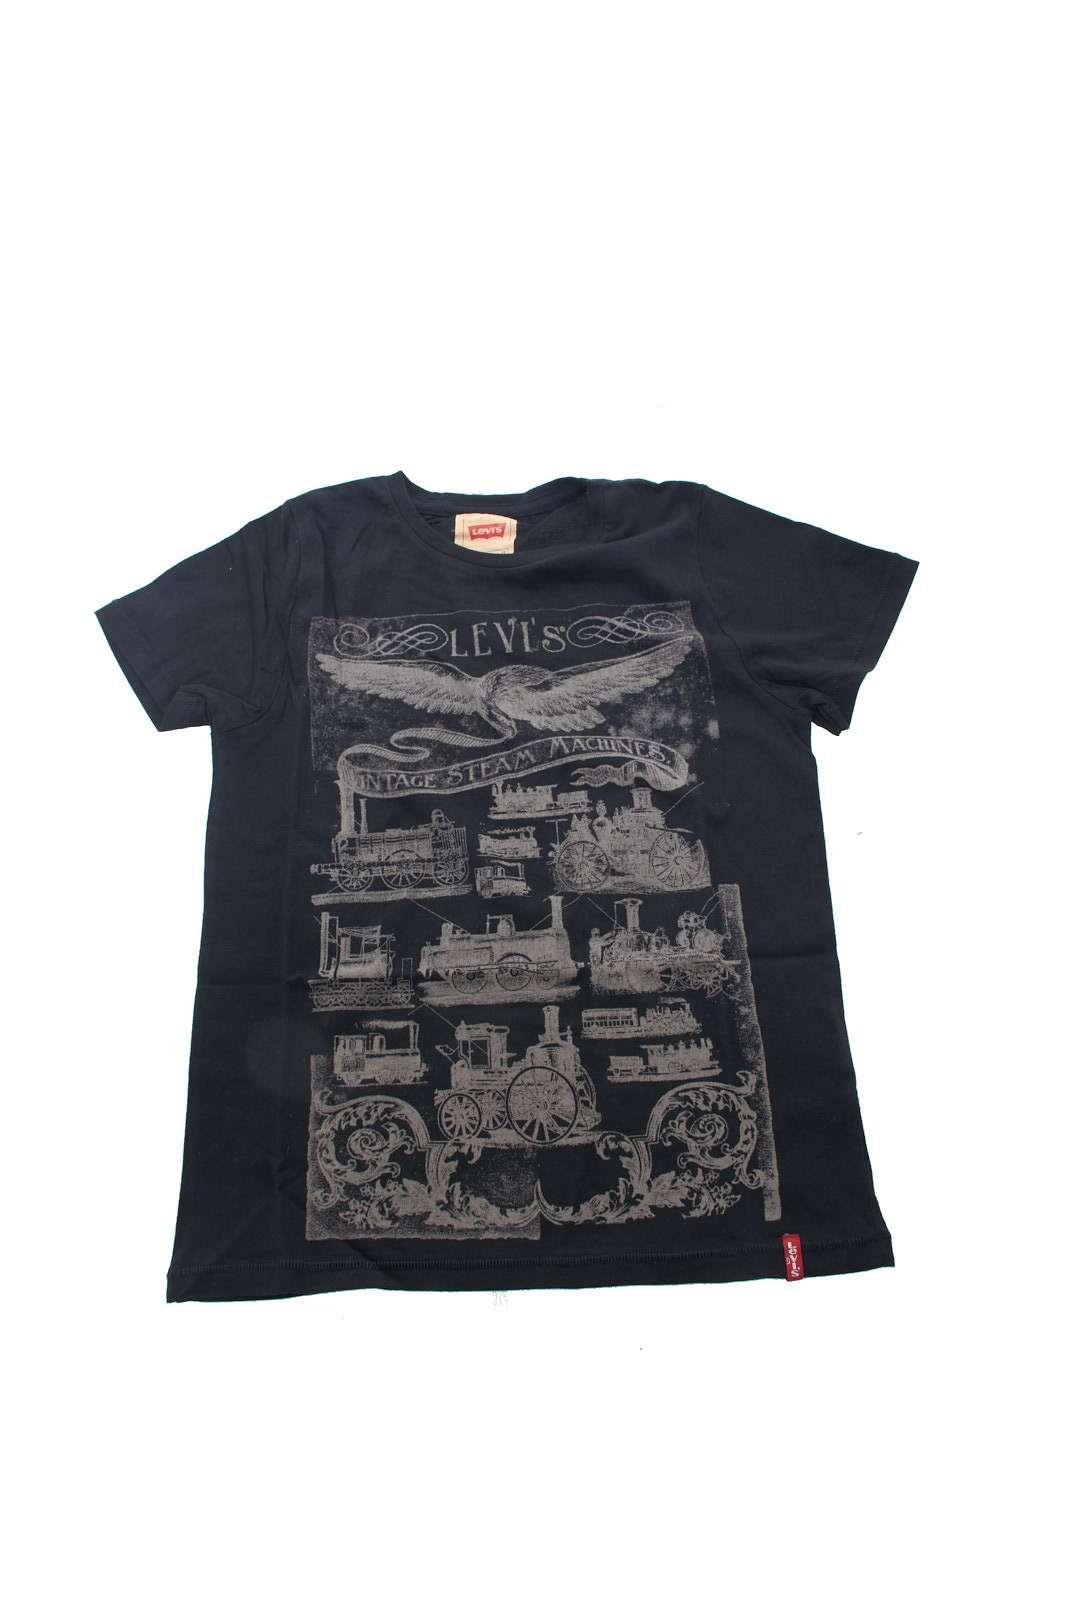 Scopri la T shirt dall'esclusiva stampa vintage firmata Levi's. Per un perfetto outfit dedicato ai più piccoli, permette di vestire il proprio bambino con gusto e con un tocco fashion. Ideale con un paio di jeans o di bermuda per essere impeccabili in ogni occasione.